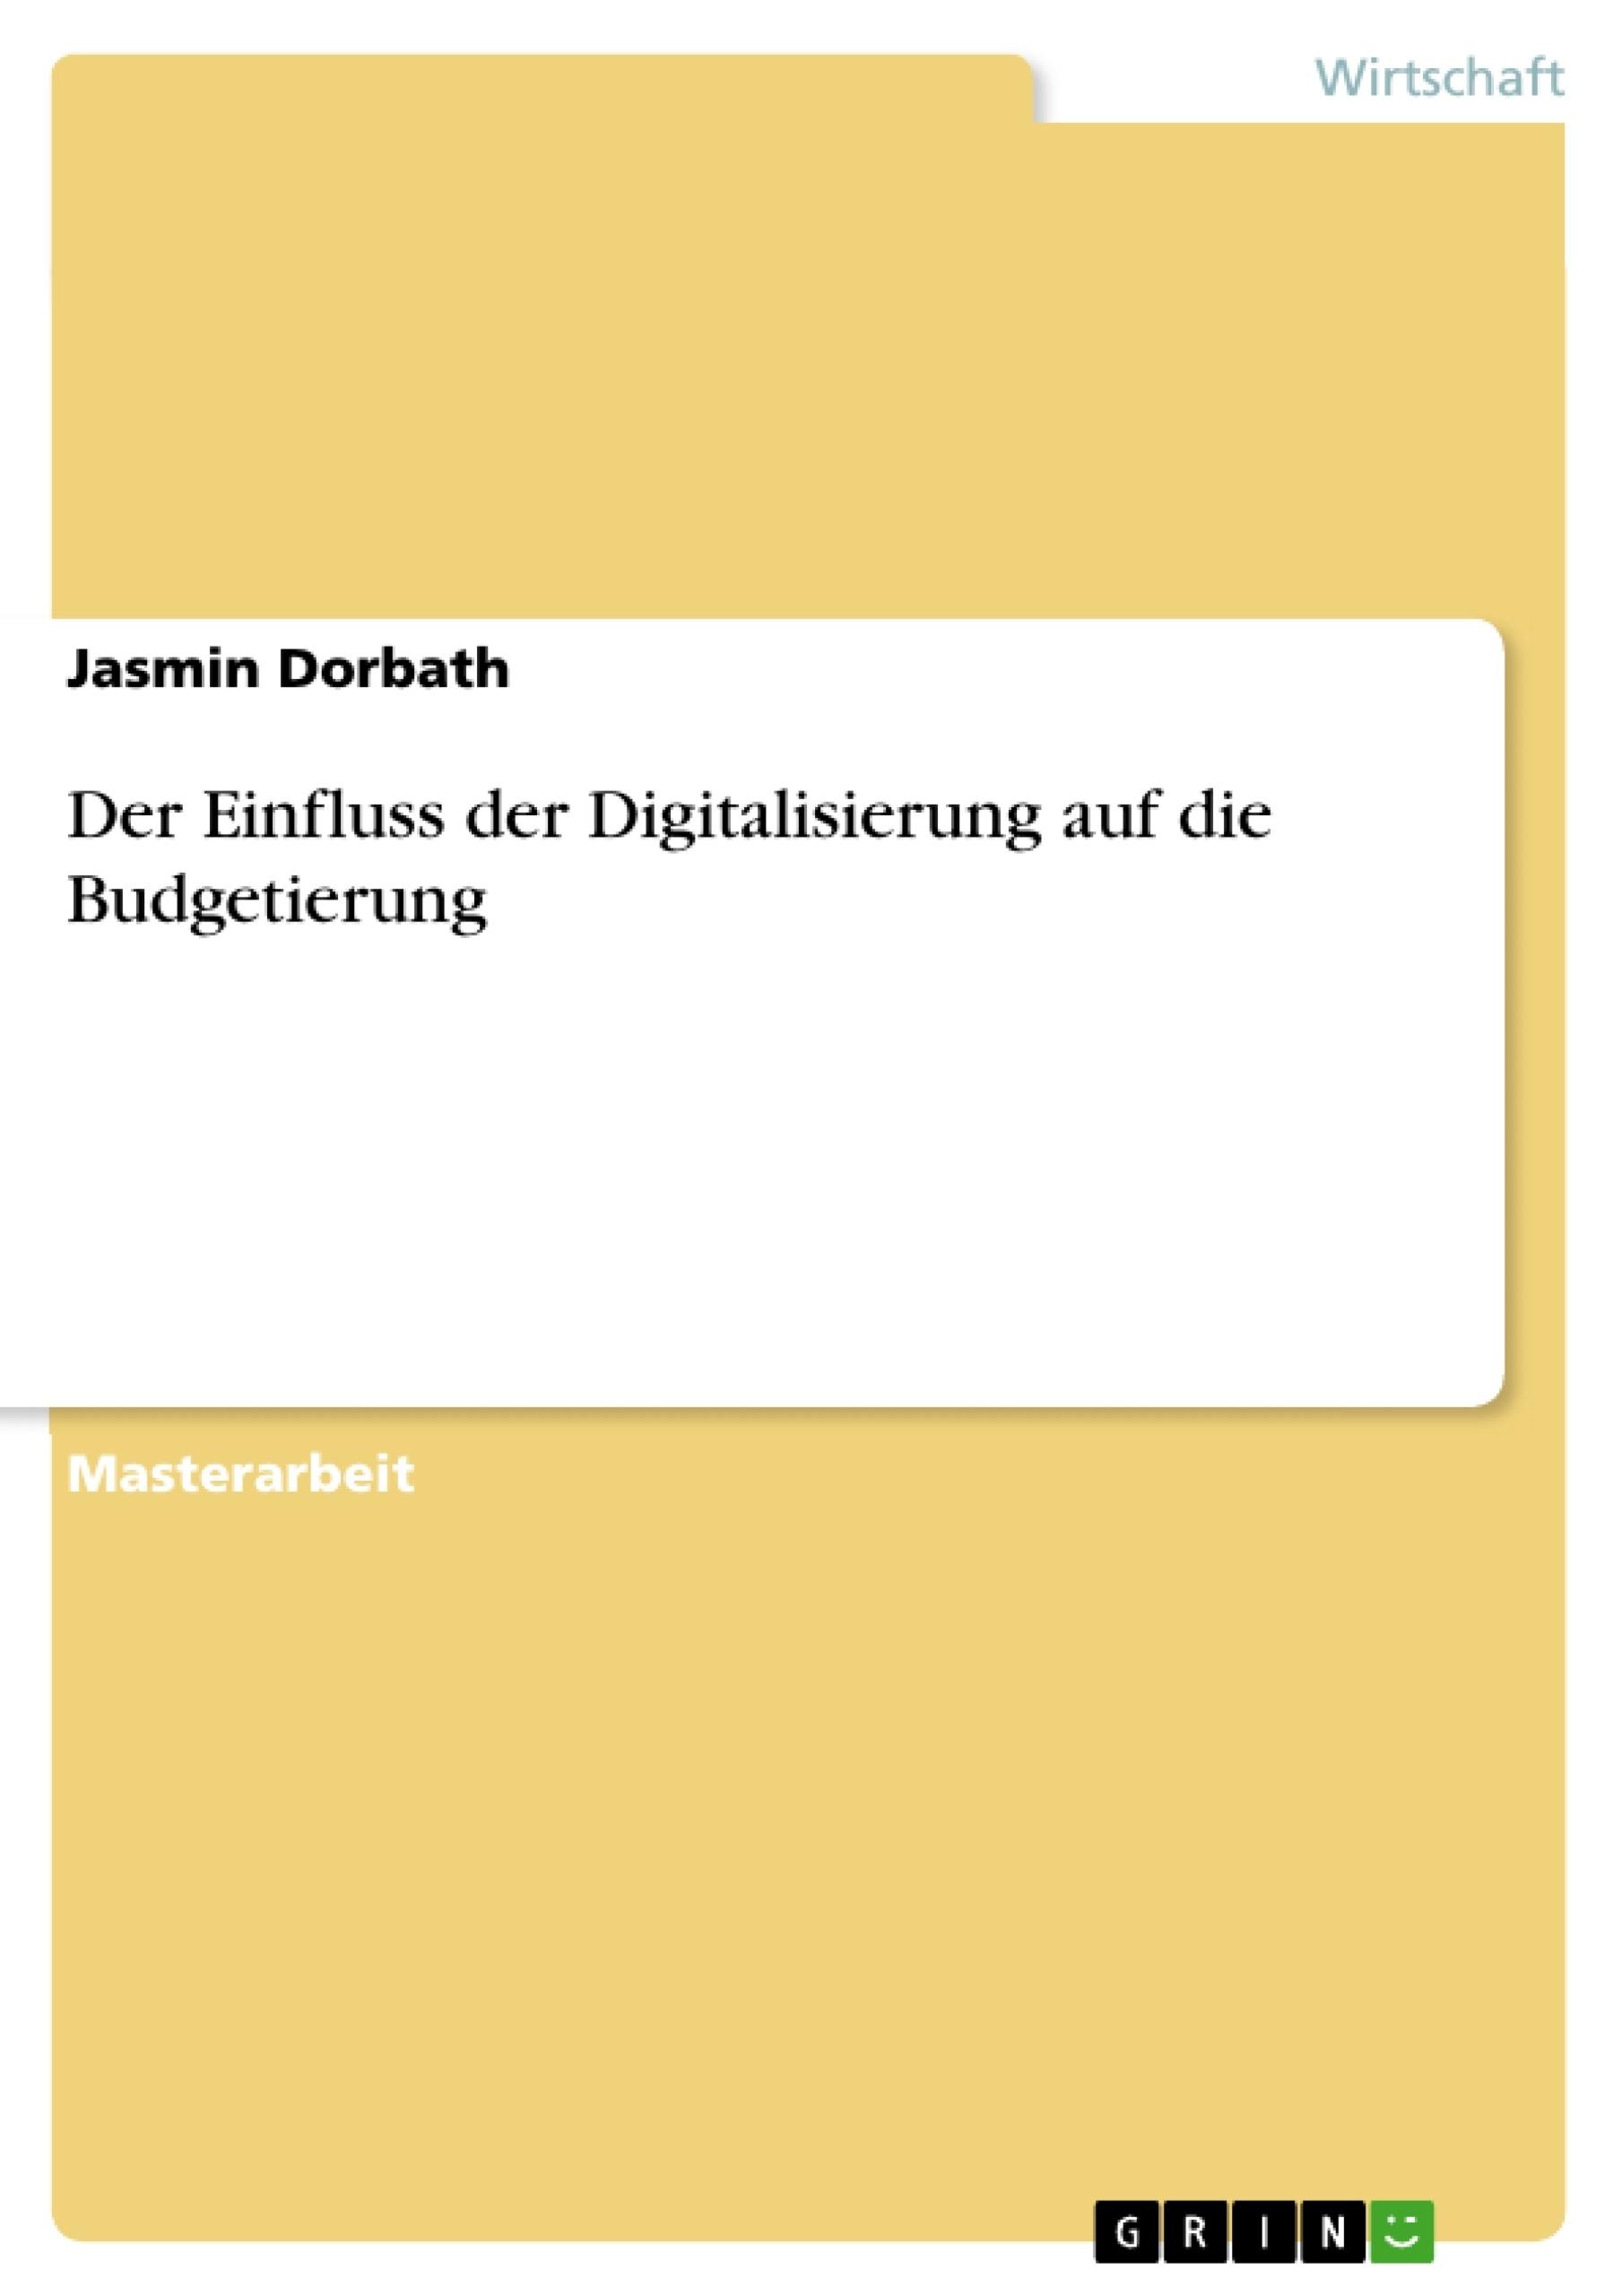 Titel: Der Einfluss der Digitalisierung auf die Budgetierung